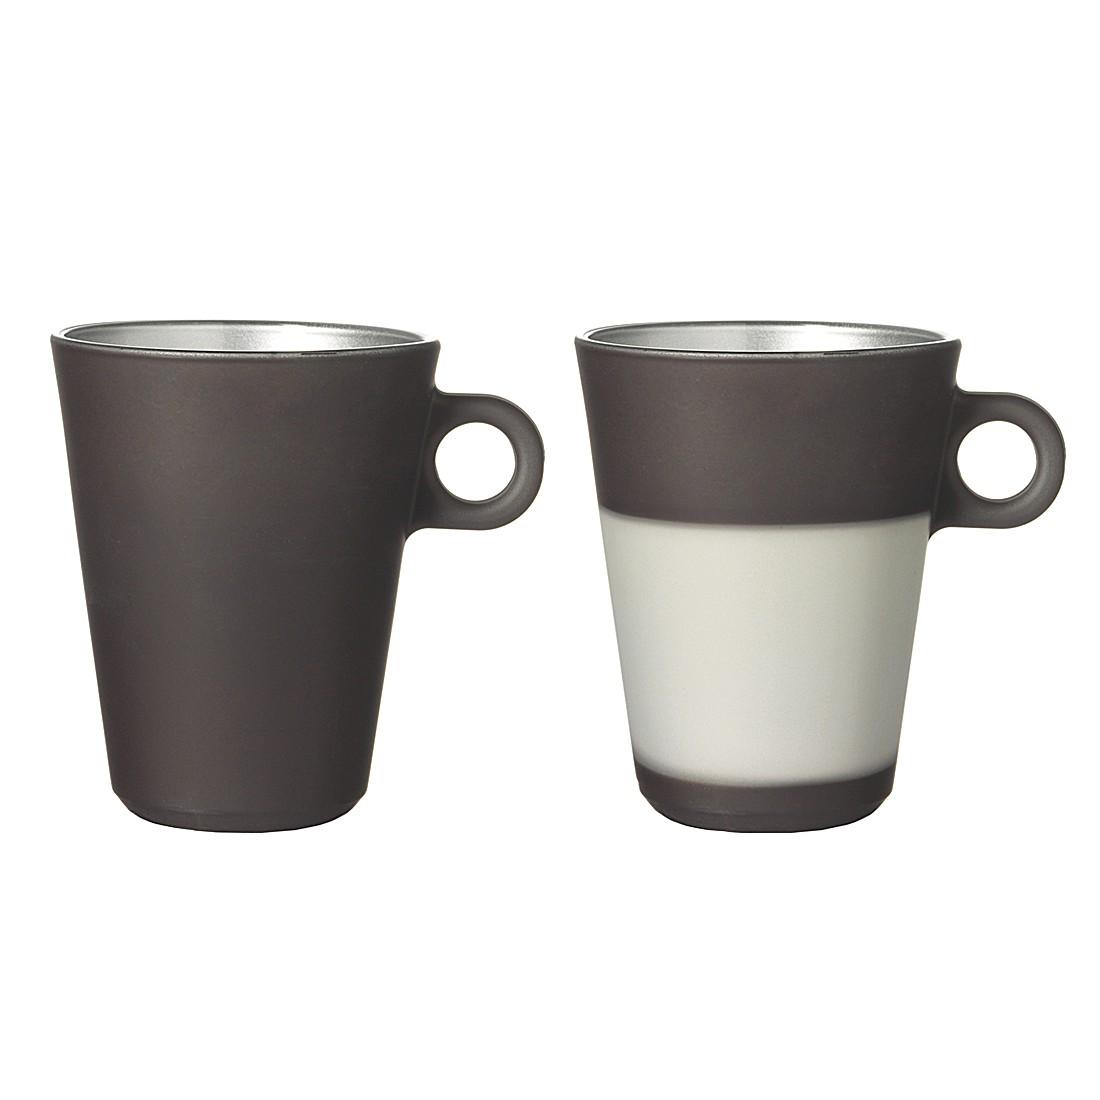 Latte Macchiato Glas Ooh Magico (2er-Set) - Grau Metallic, Leonardo